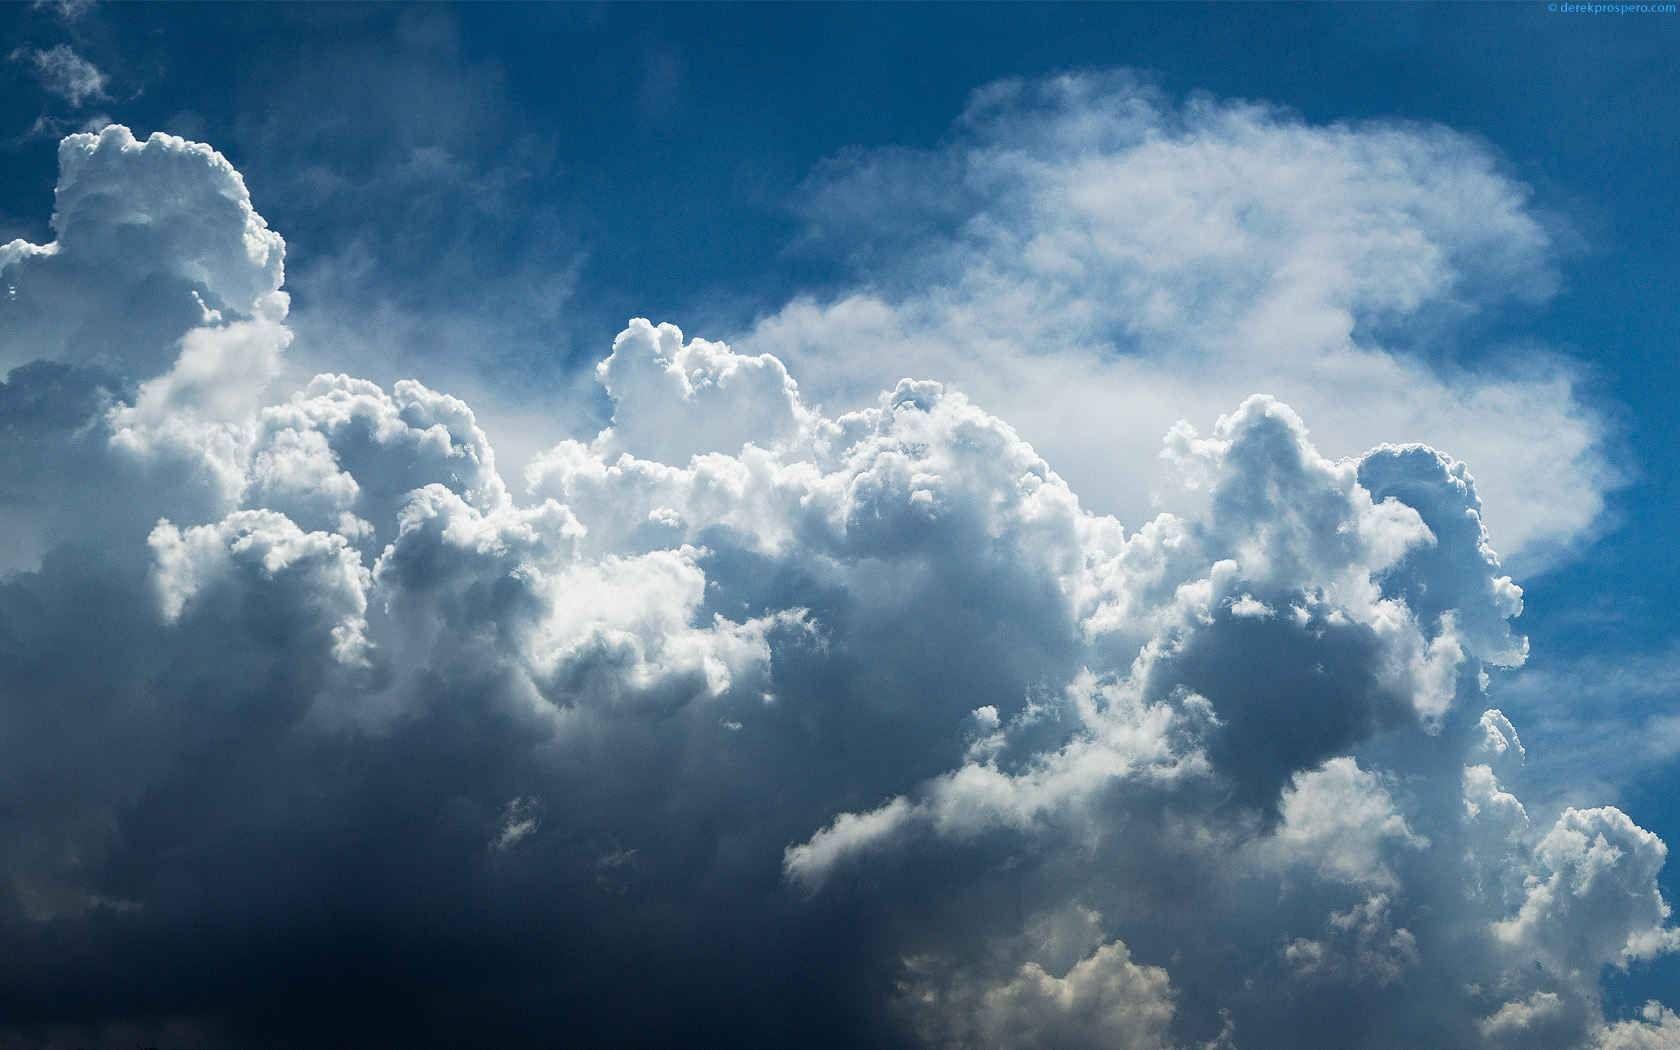 Fond d'écran hd nuage ciel Lucht, Wolken